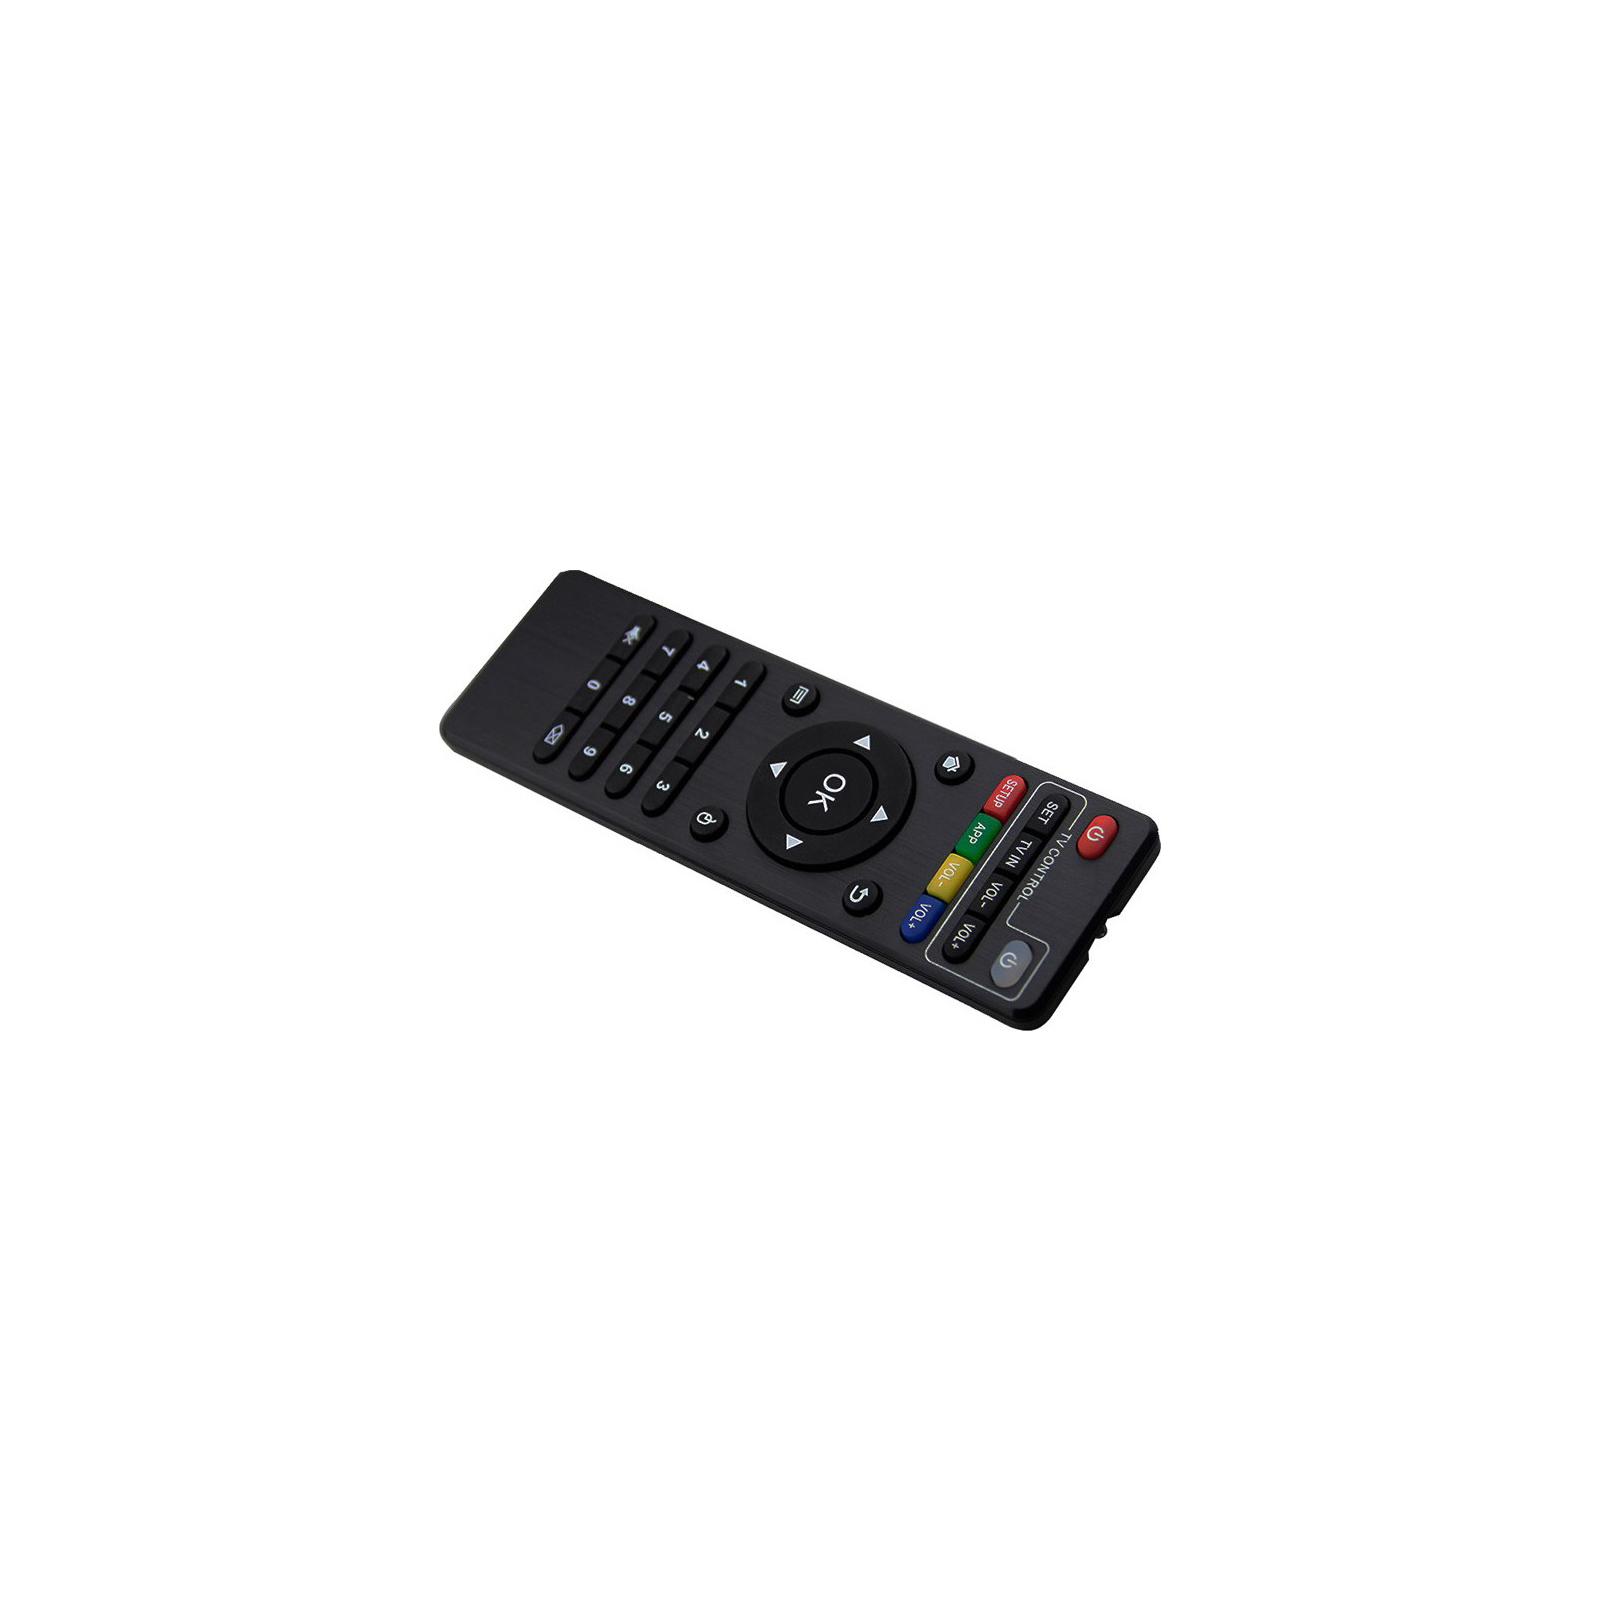 ТВ тюнер Nomi DVB-T2 T203 (425704) изображение 7